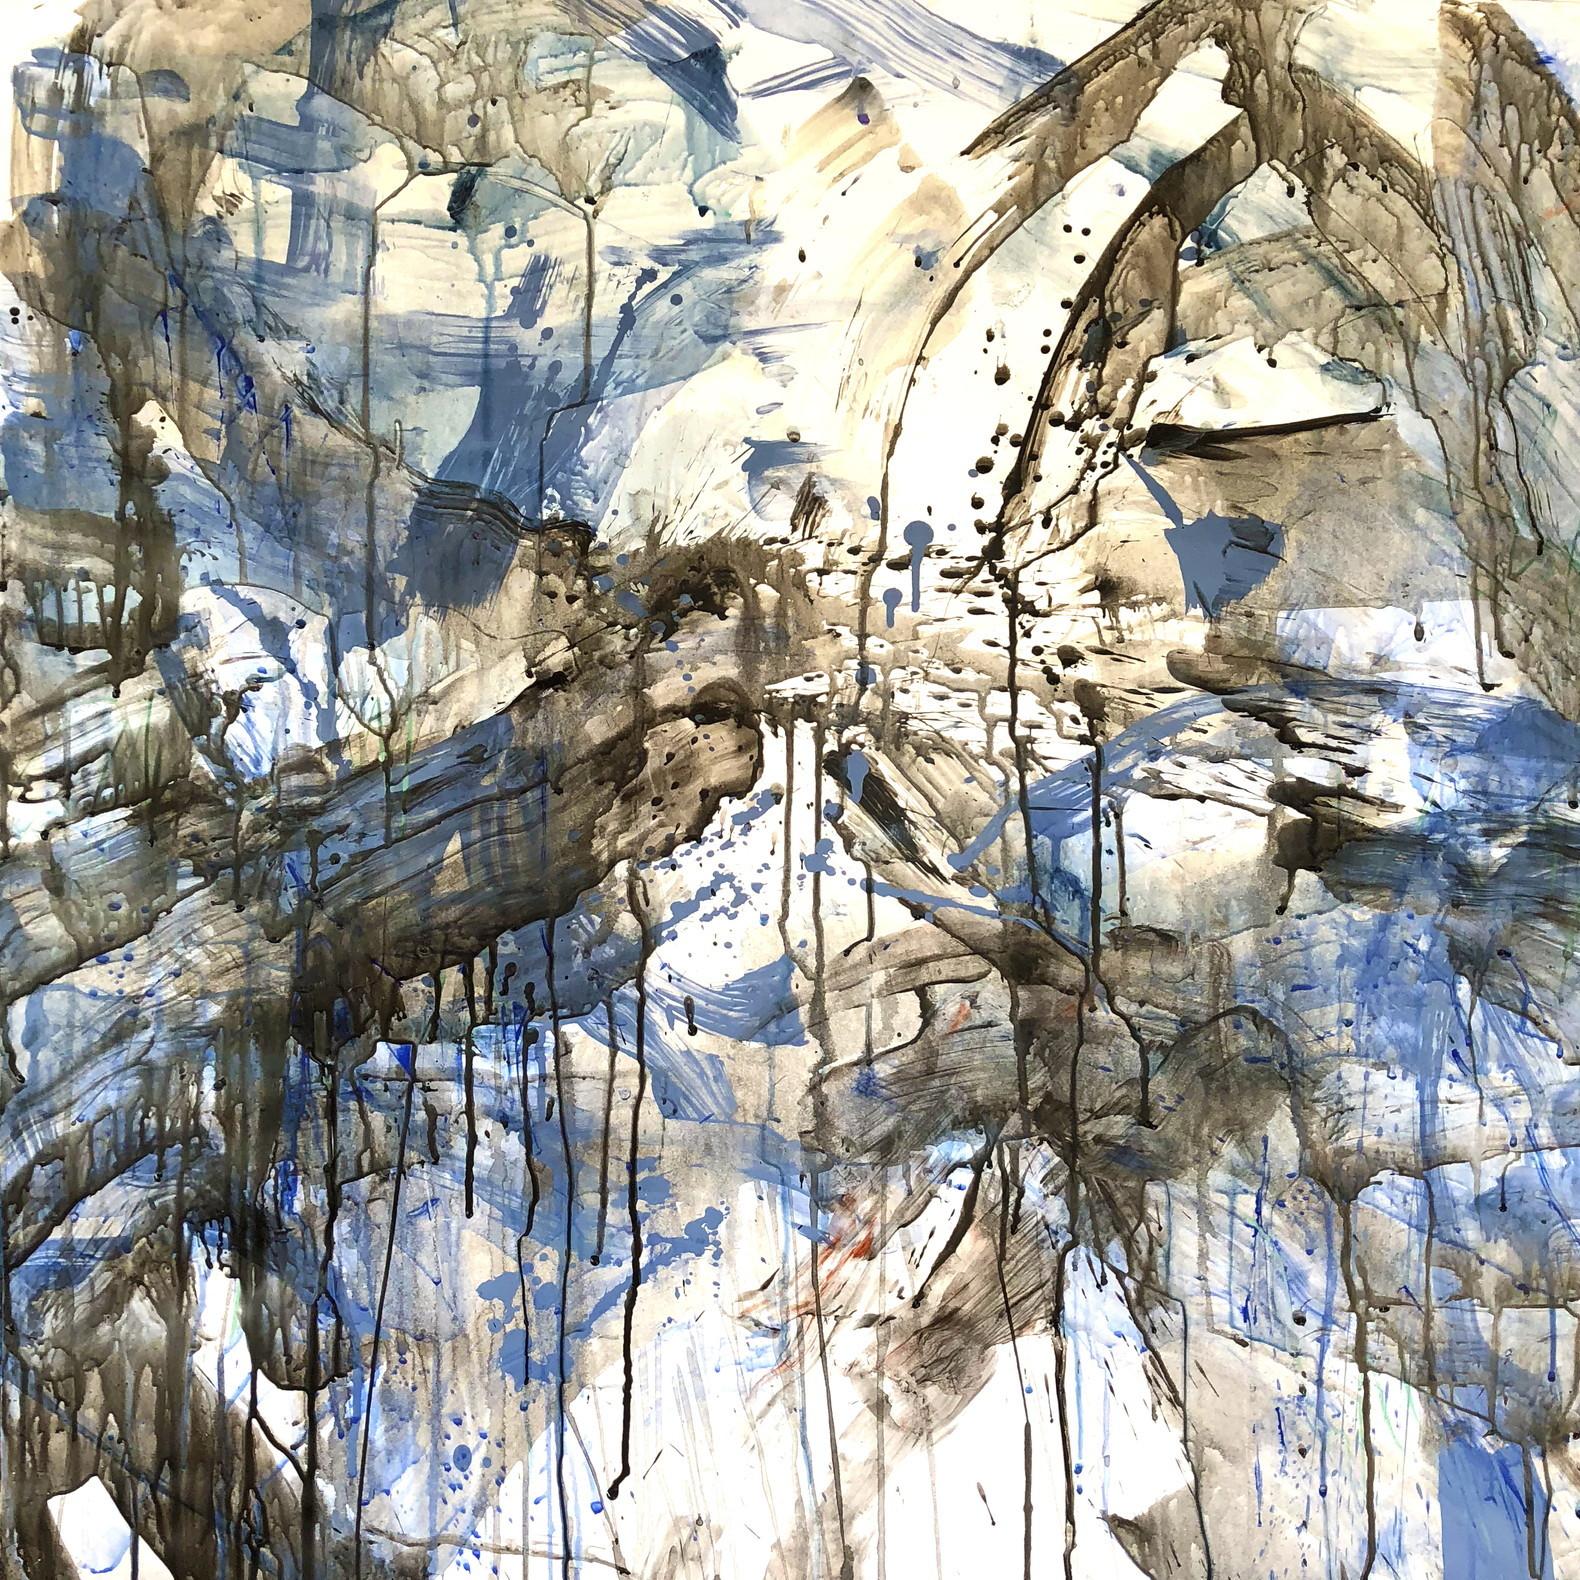 絵画 インテリア アートパネル 雑貨 壁掛け 置物 おしゃれ 抽象画 現代アート ロココロ 画家 : tamajapan 作品 : t-35